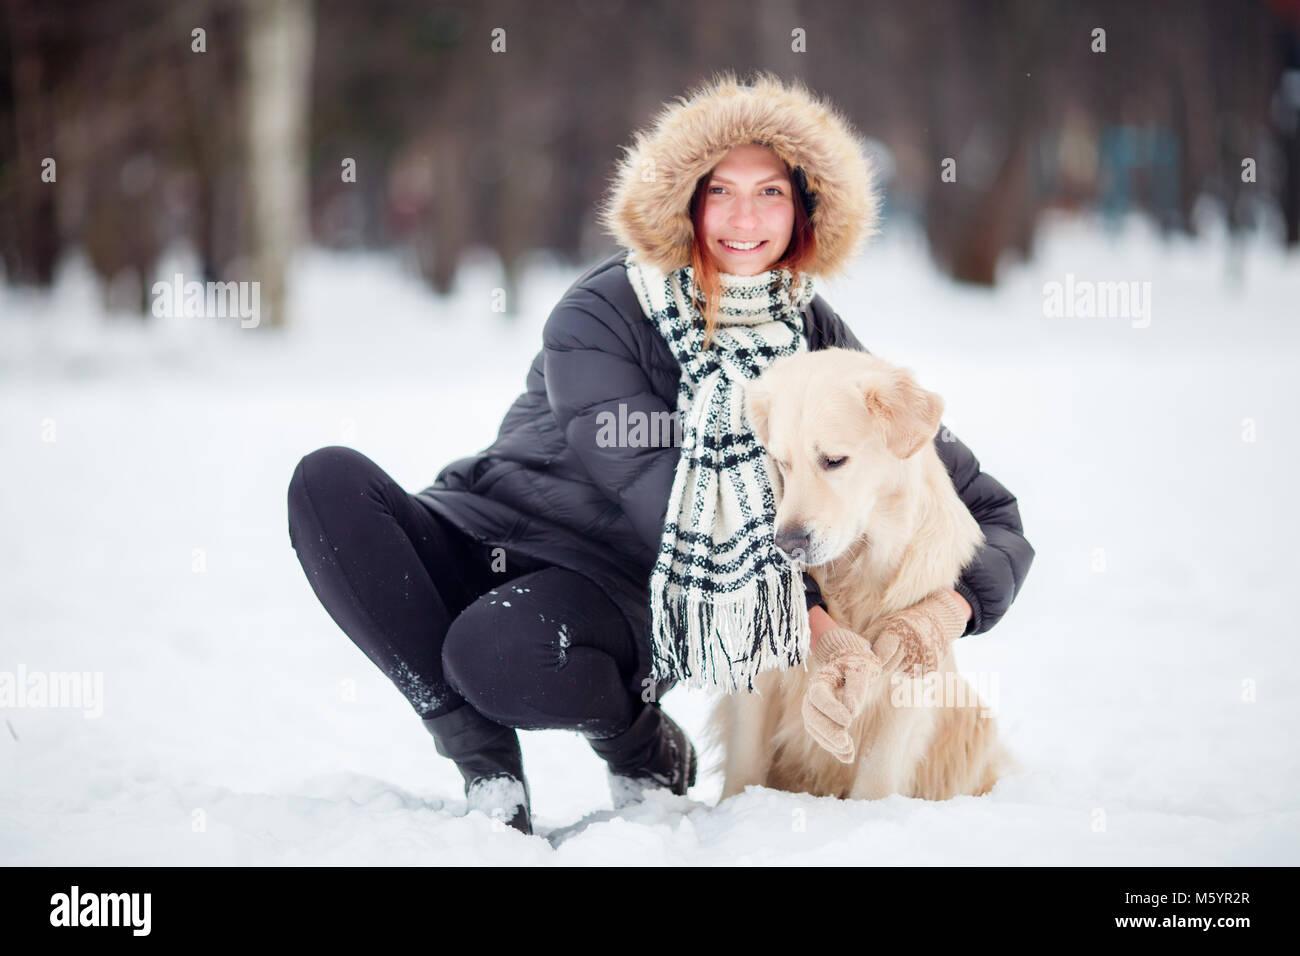 Immagine della ragazza in giacca nera accovacciata accanto al cane in inverno Immagini Stock